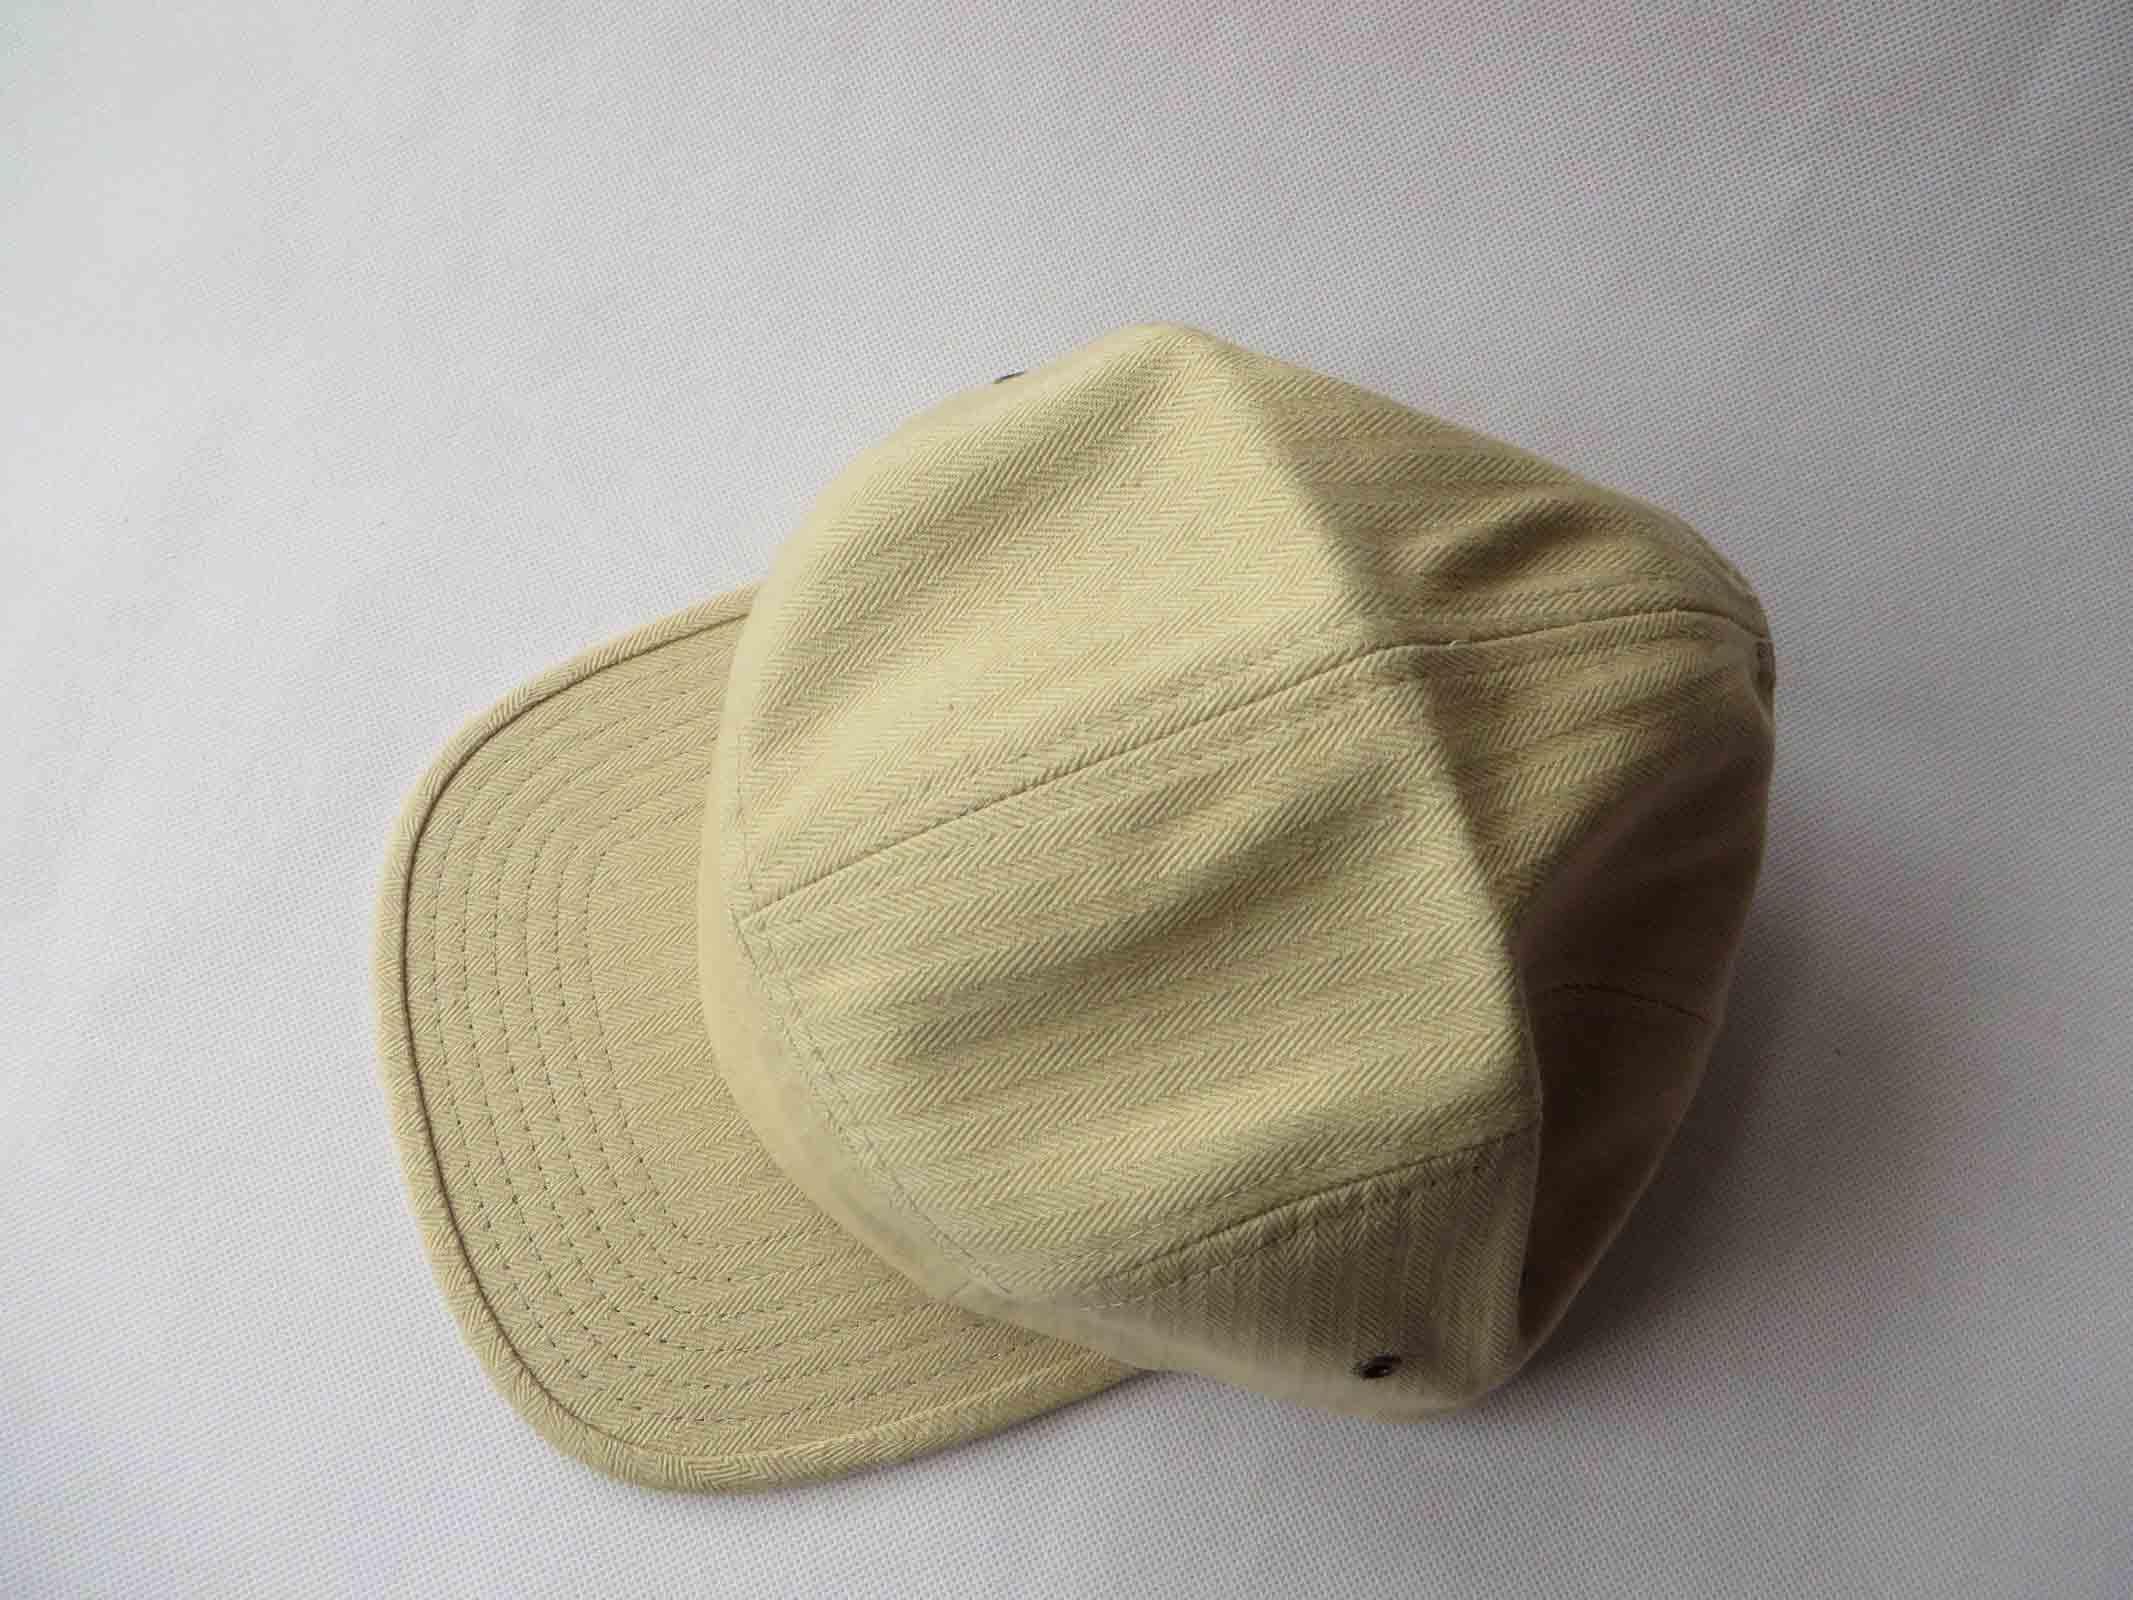 Greg Bourdy Buy Blank 5 Panel Hats